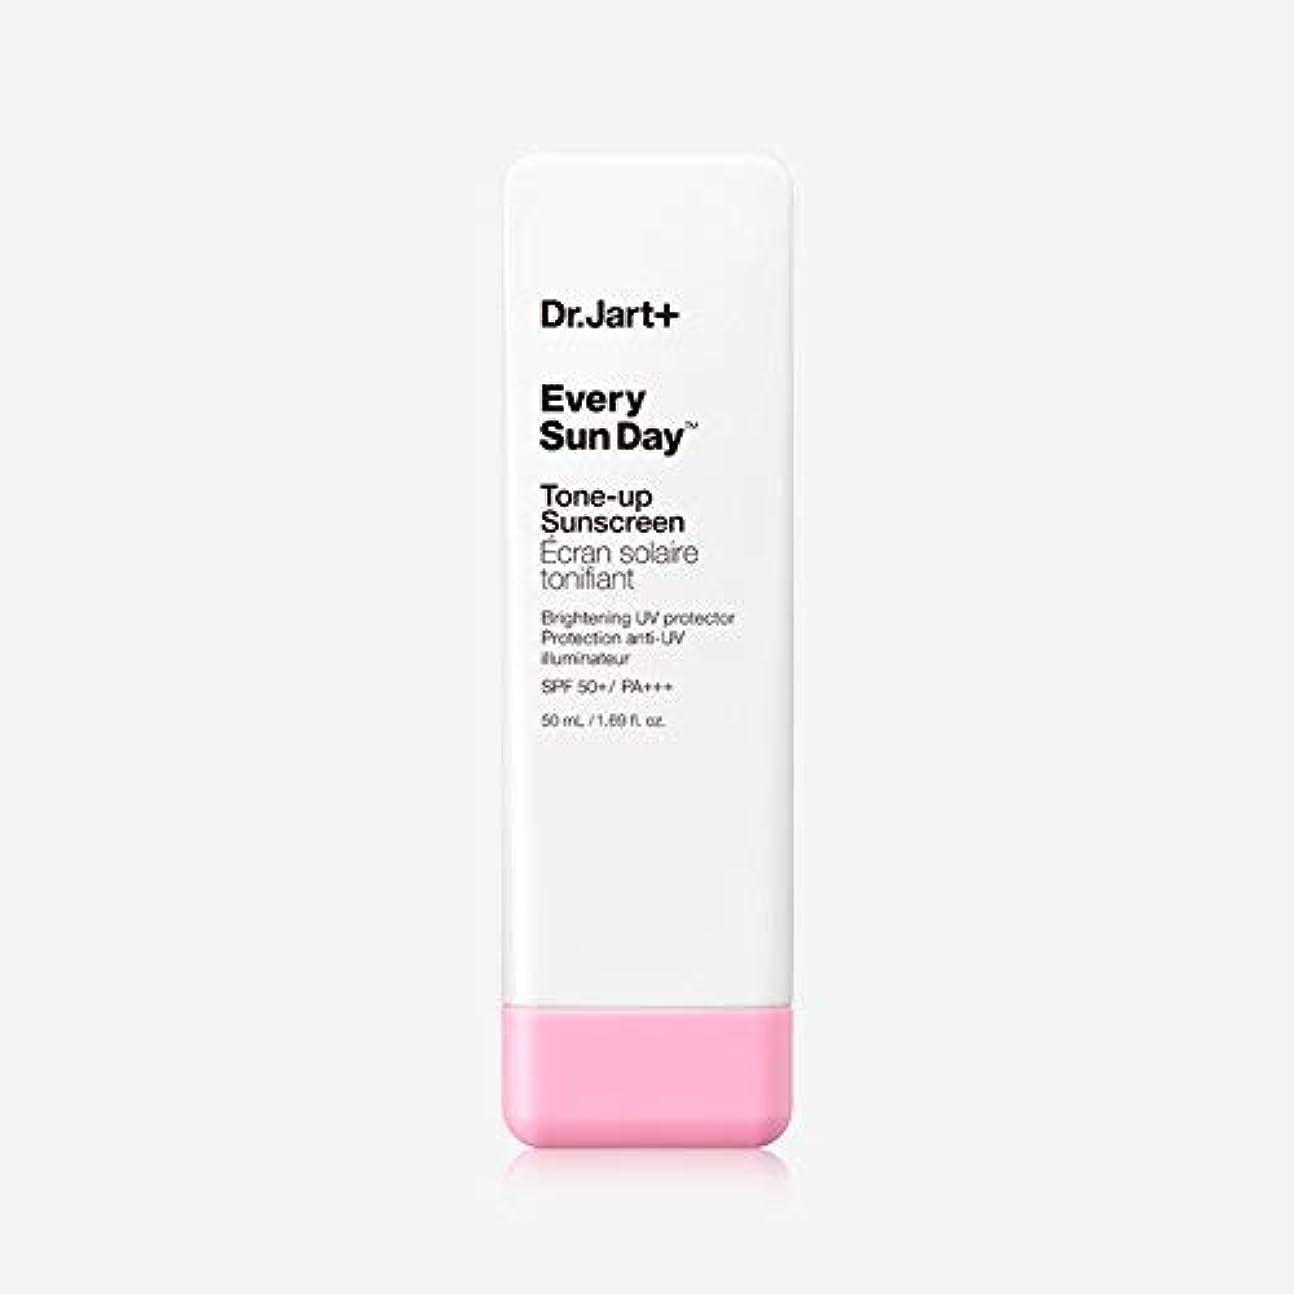 十代保険をかけるはがきDr.Jart+ Every Sun Day Tone-up Sunscreen SPF50+ PA+++ 50ml / ドクタージャルトゥエヴリサンデートーンアップサンスクリーンSPF50+PA+++50ml [並行輸入品]